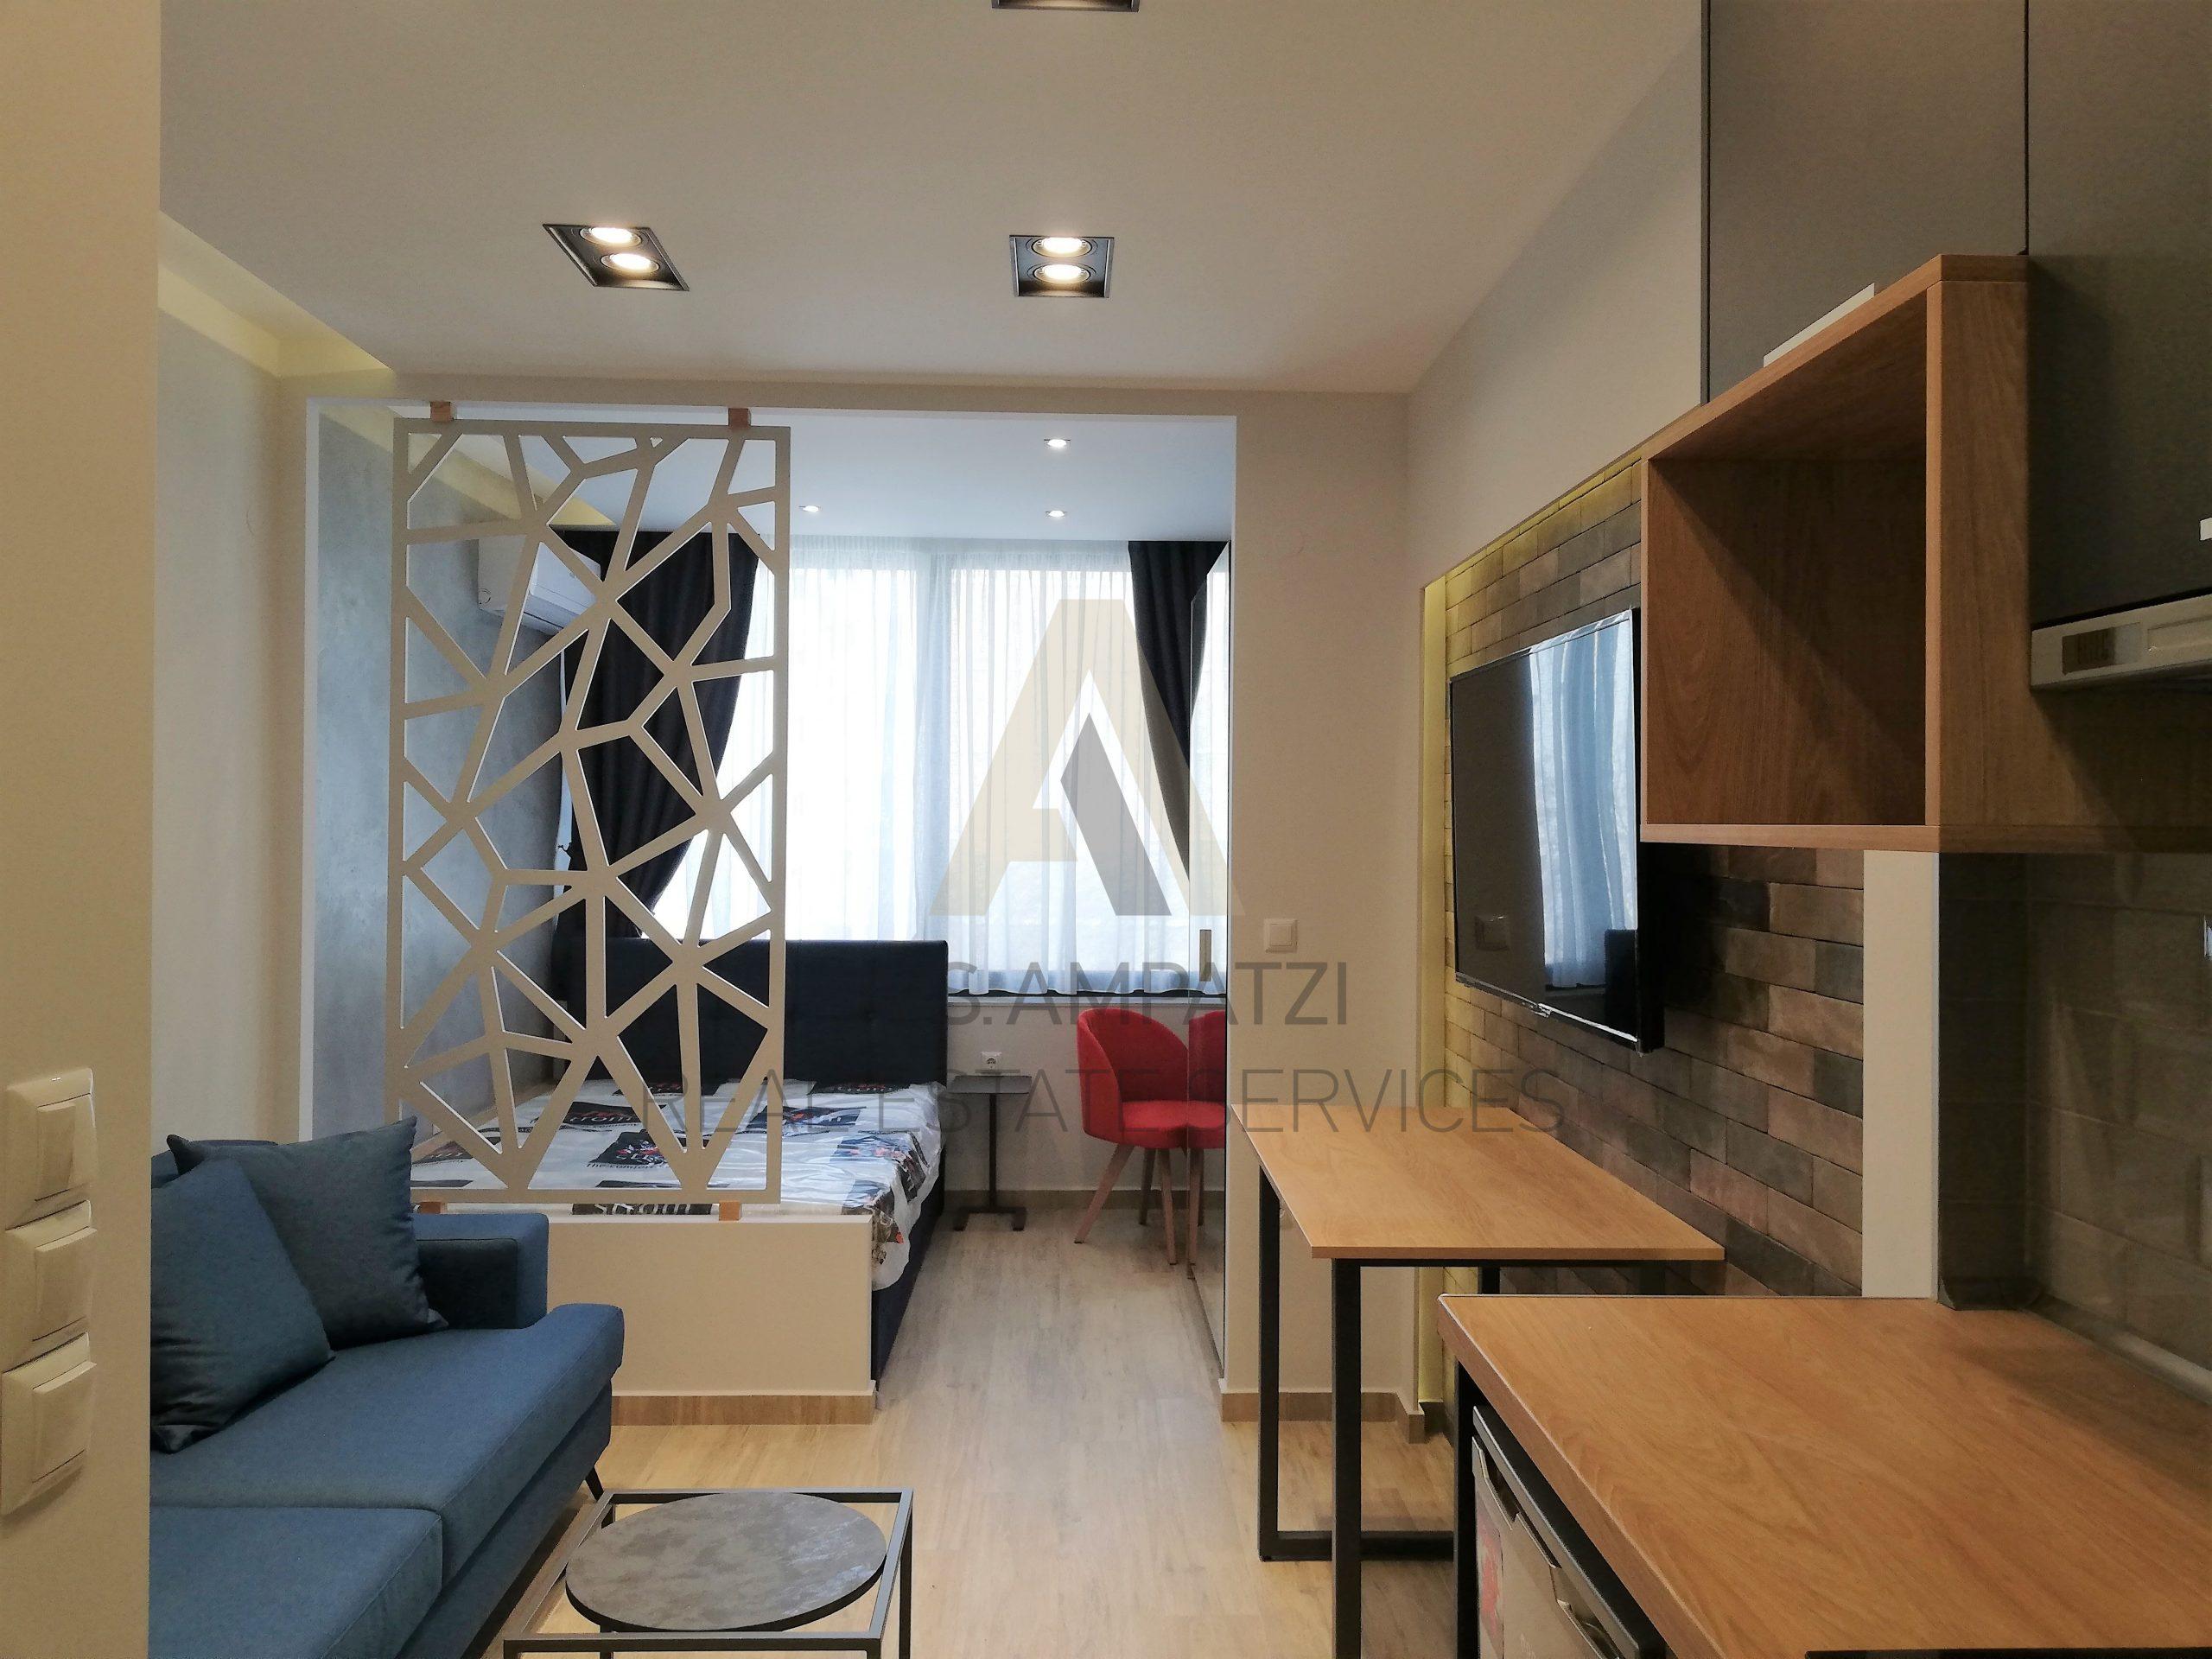 Studio-loft στο ιστορικό κέντρο